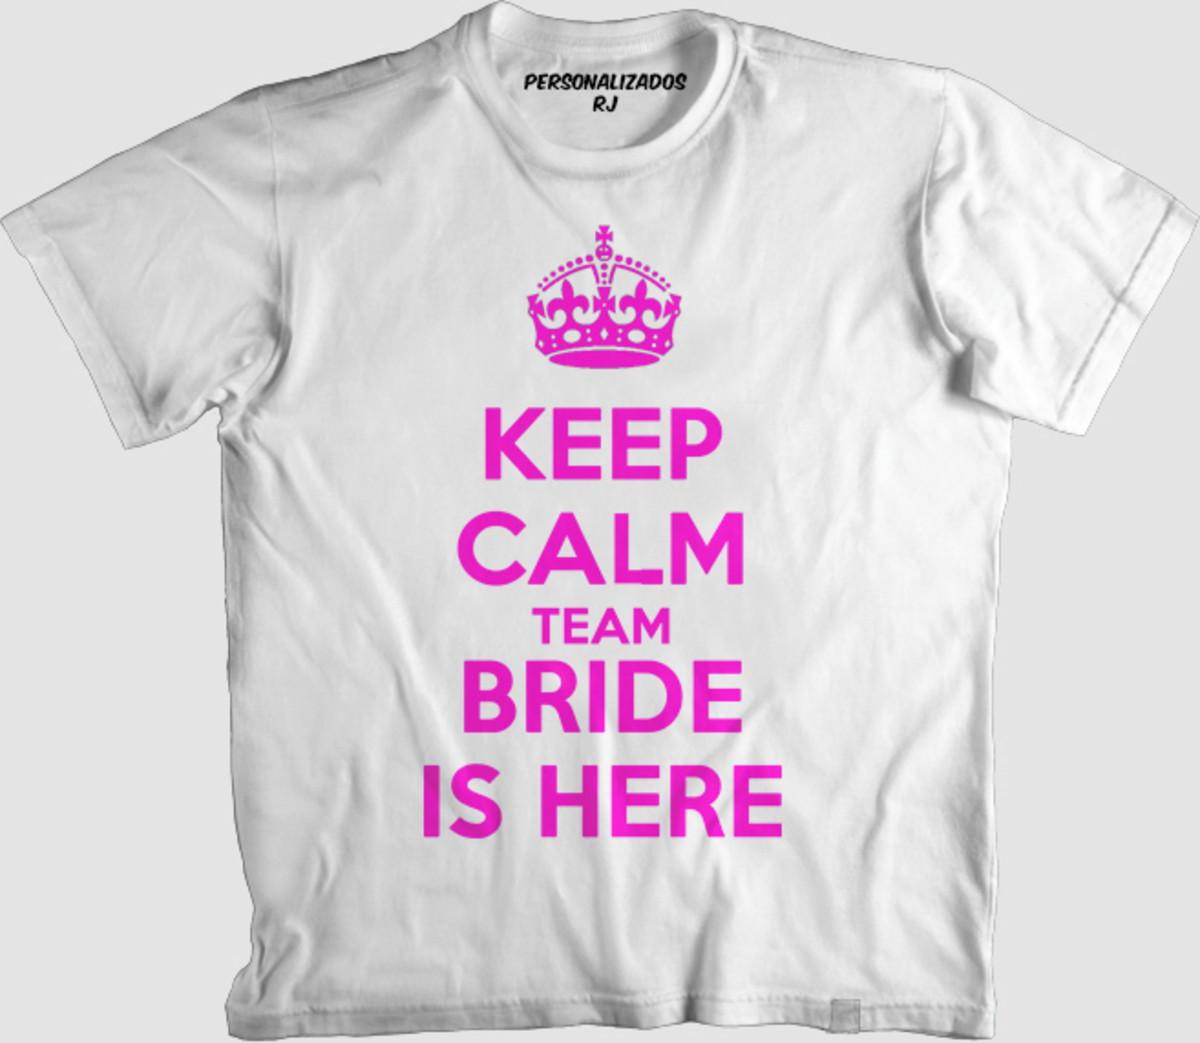 590cbbc77 Camisa KEEP CALM TEAM BRIDE IS HERE - ROSA no Elo7